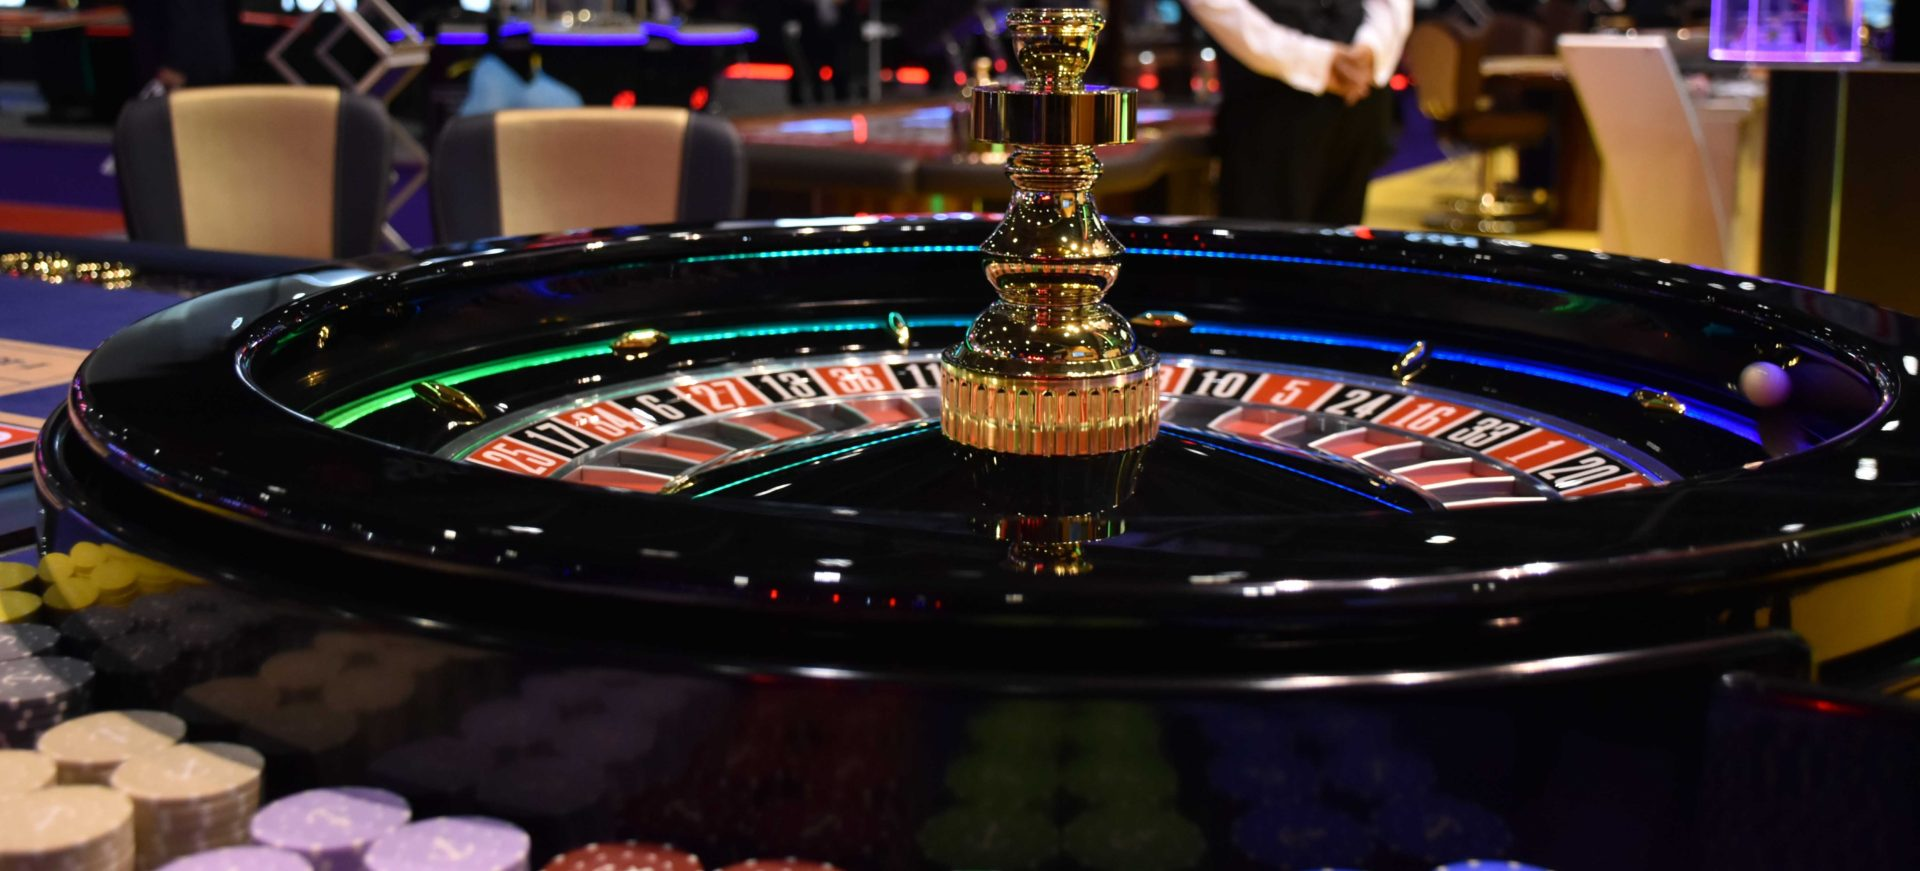 Онлайн казино peterpalace casino отзывы